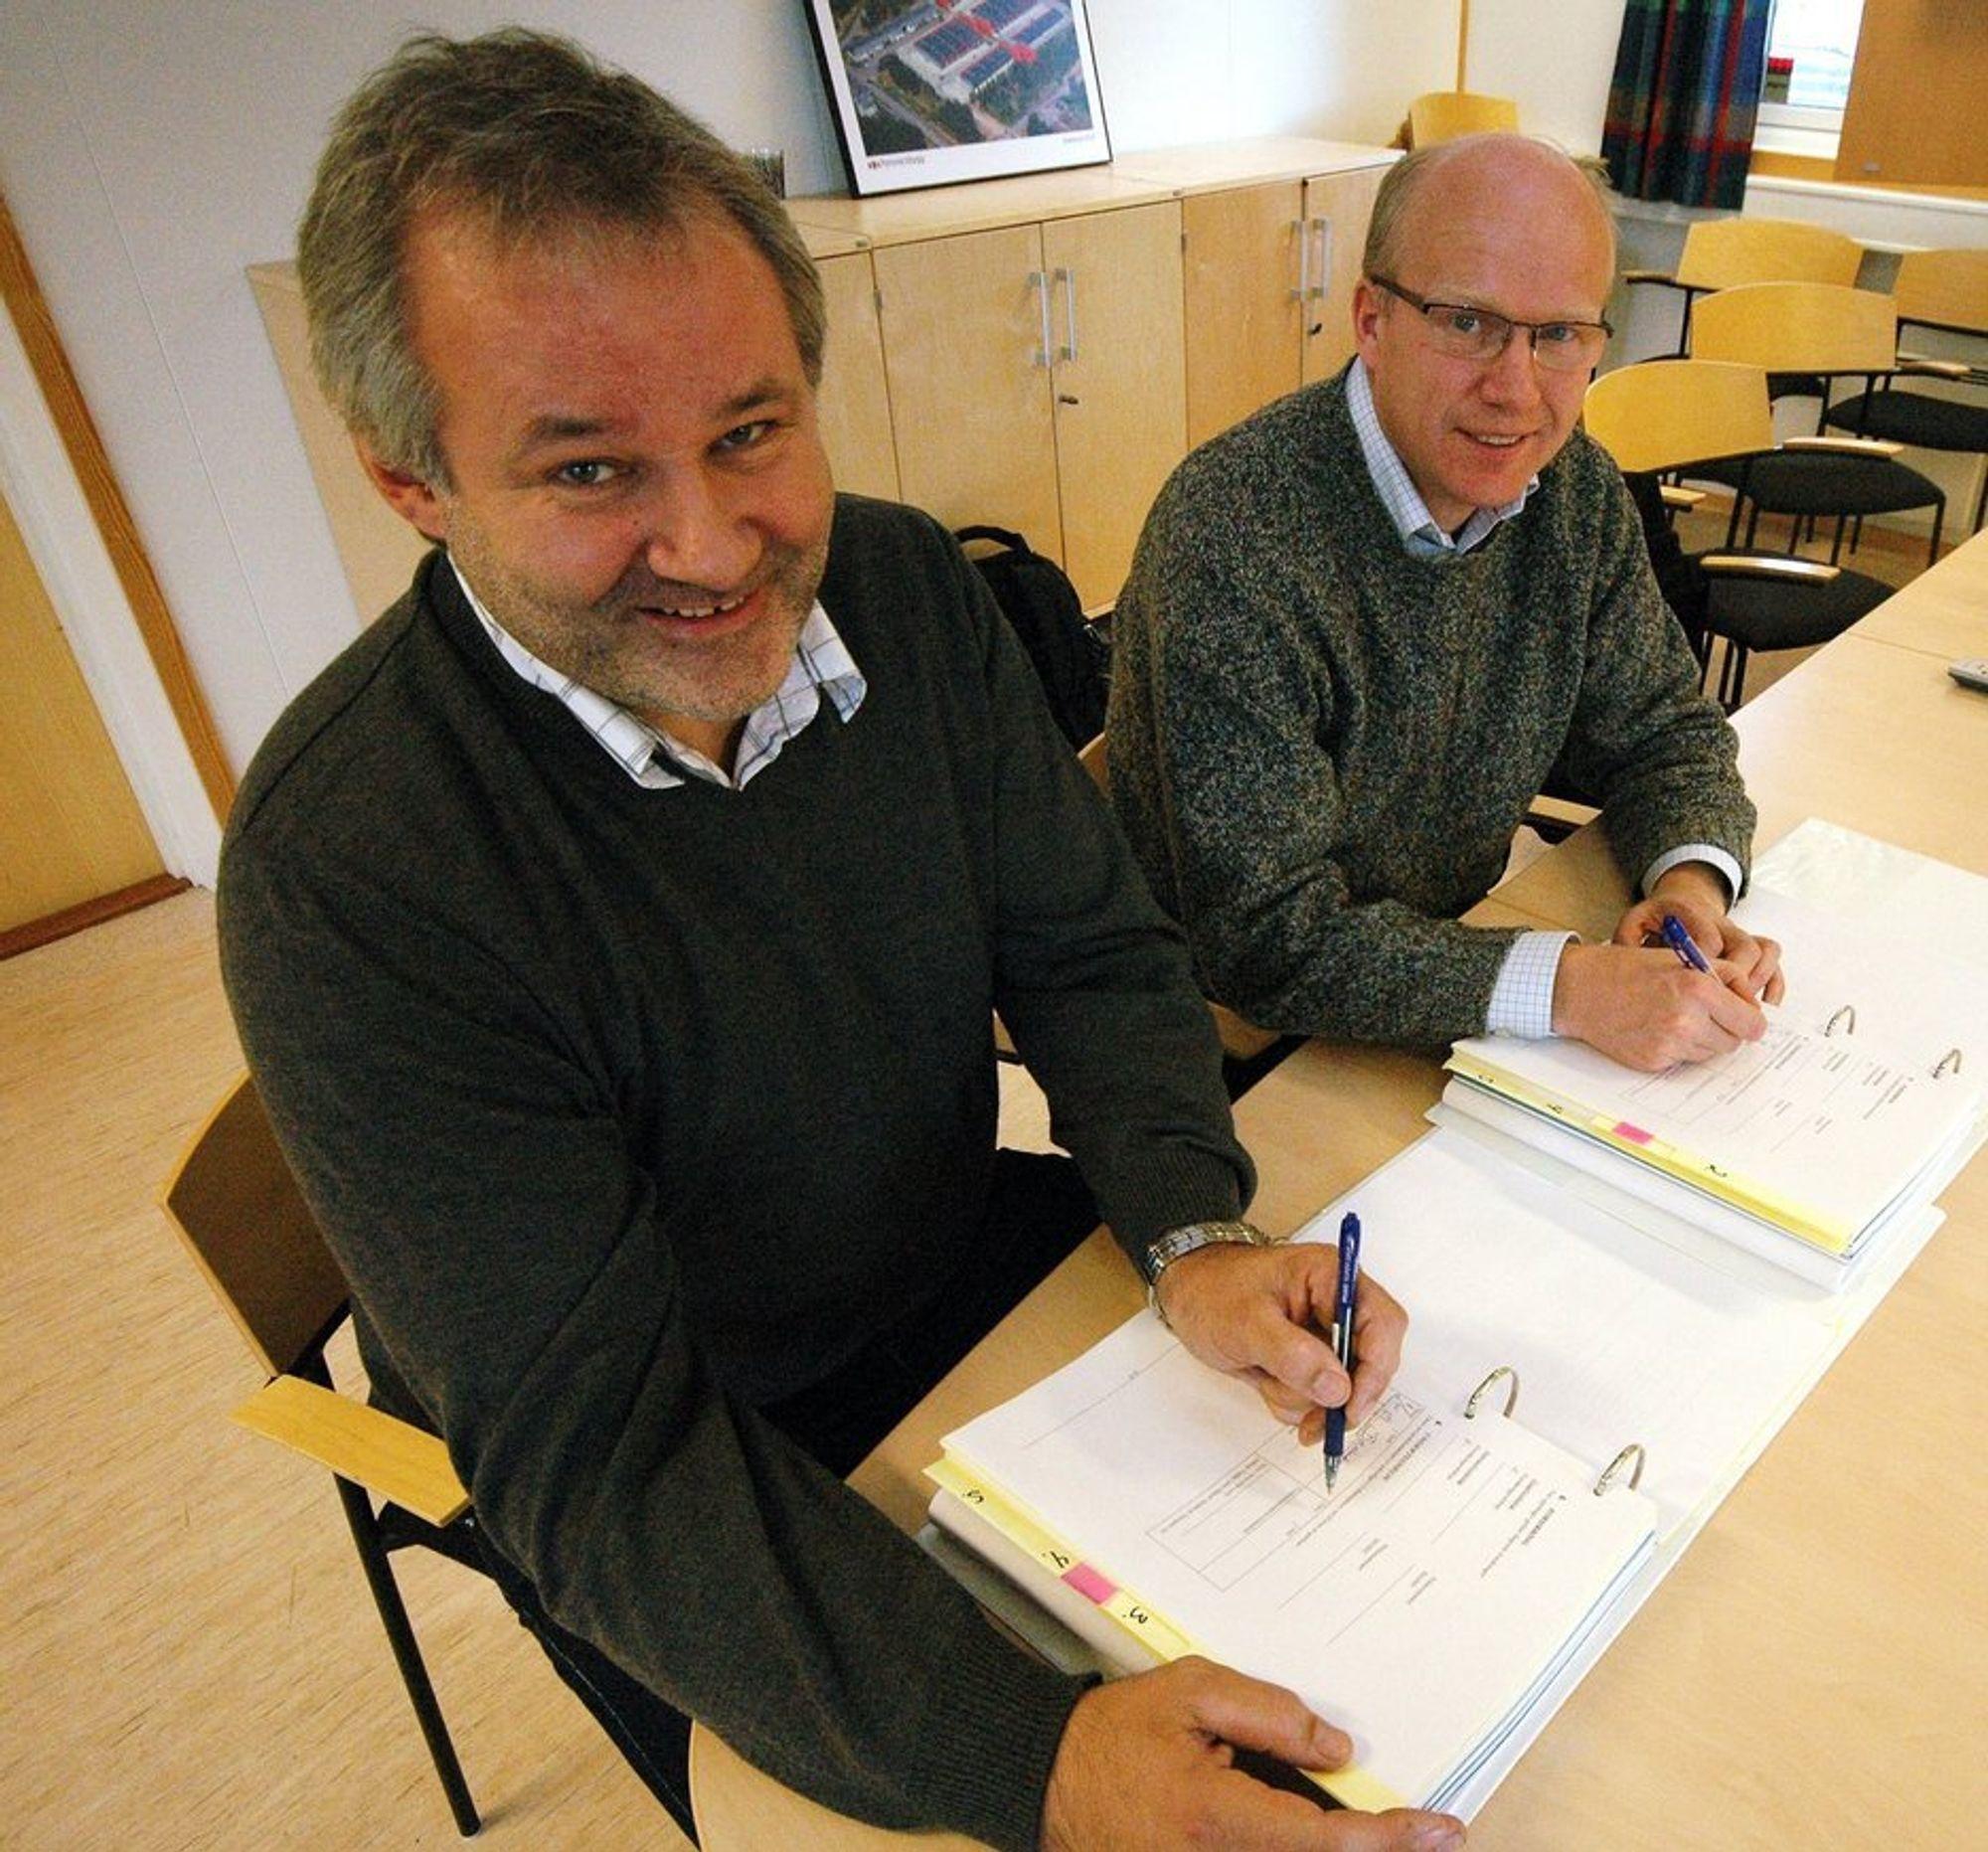 STØRSTE: Daglig leder Svein-Erik Løvli i Målselv Maskin (t.v.) underskriver firmaets største kontrakt til nå med sjef Forsvarsbygg Utvikling nord, Hårek Elvenes.